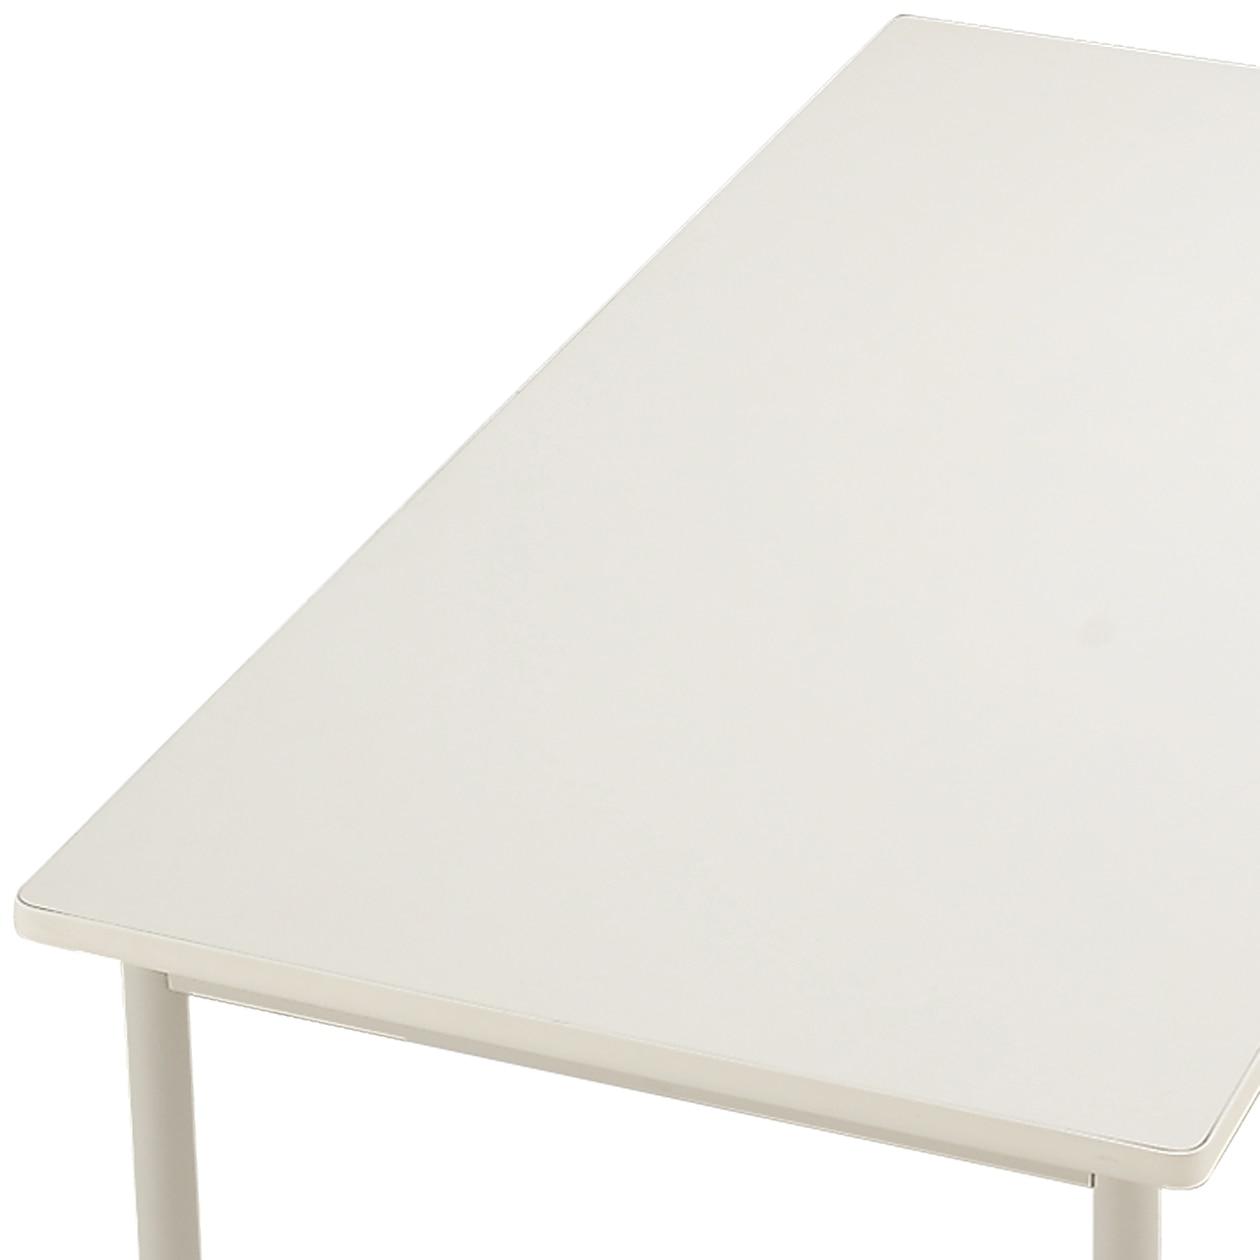 デスク天板・メラミン・幅120cm/白(システムタイプ)